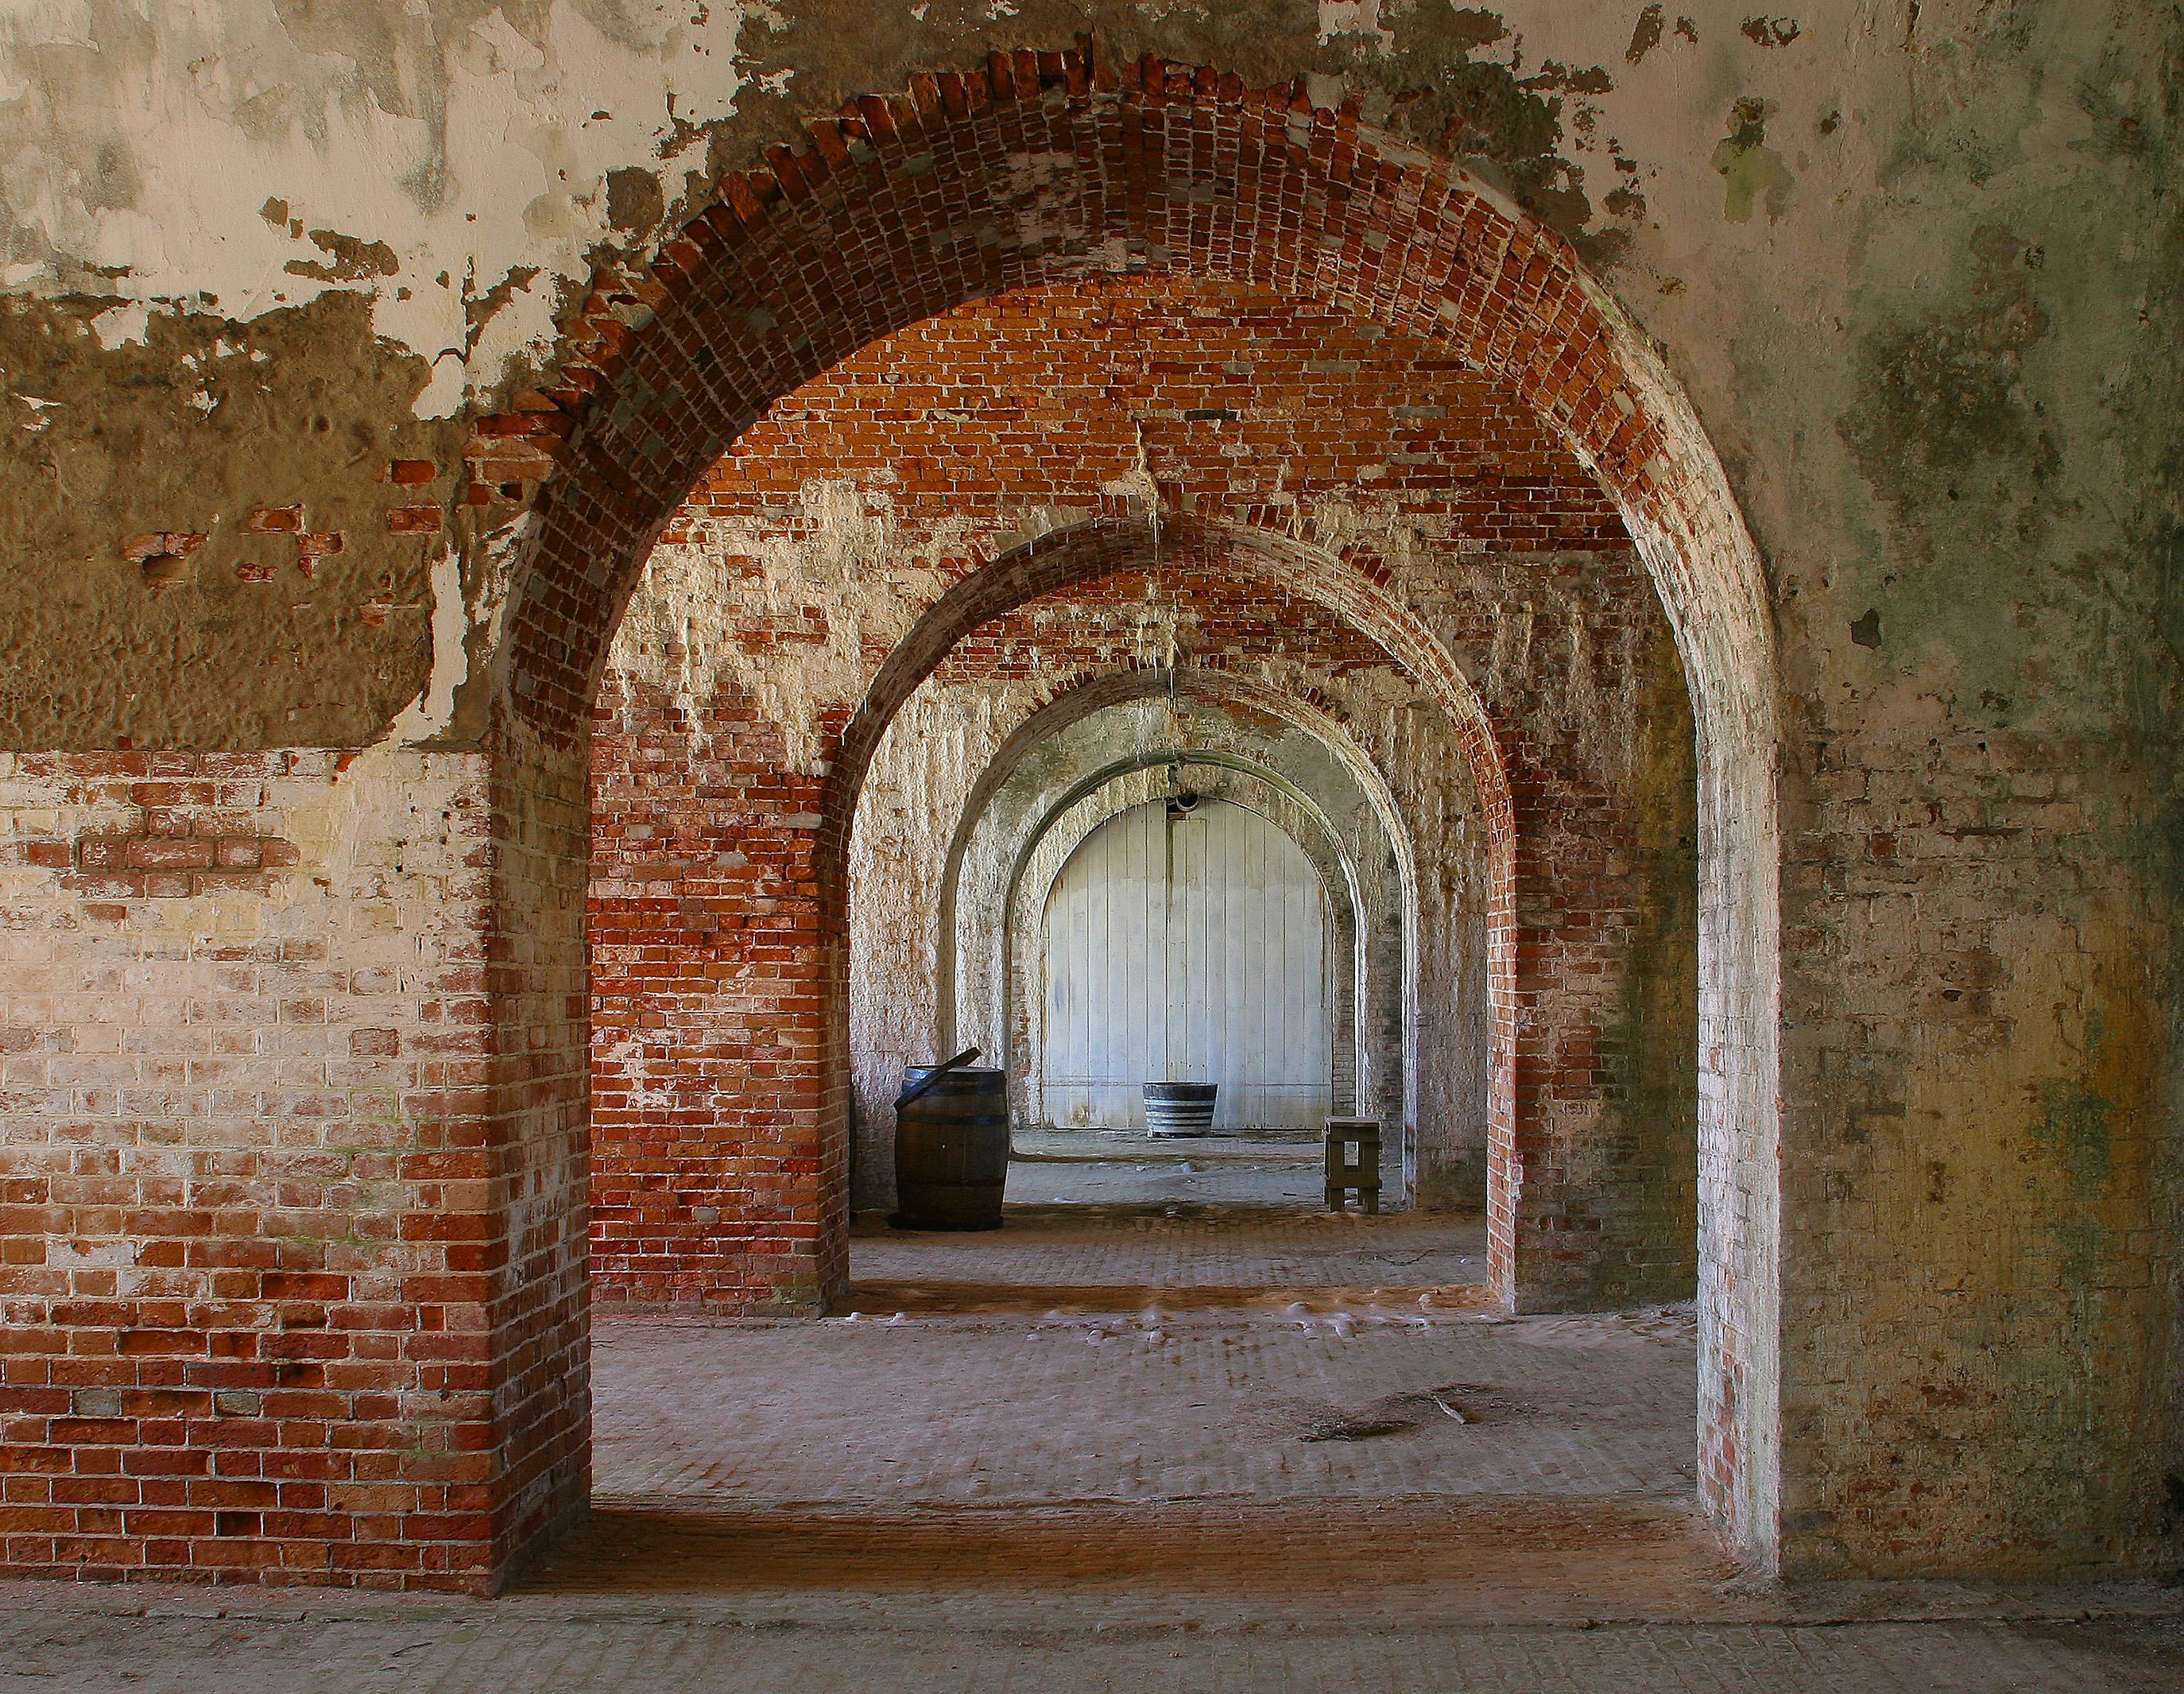 Fort Morgan in Fort Morgan, Alabama